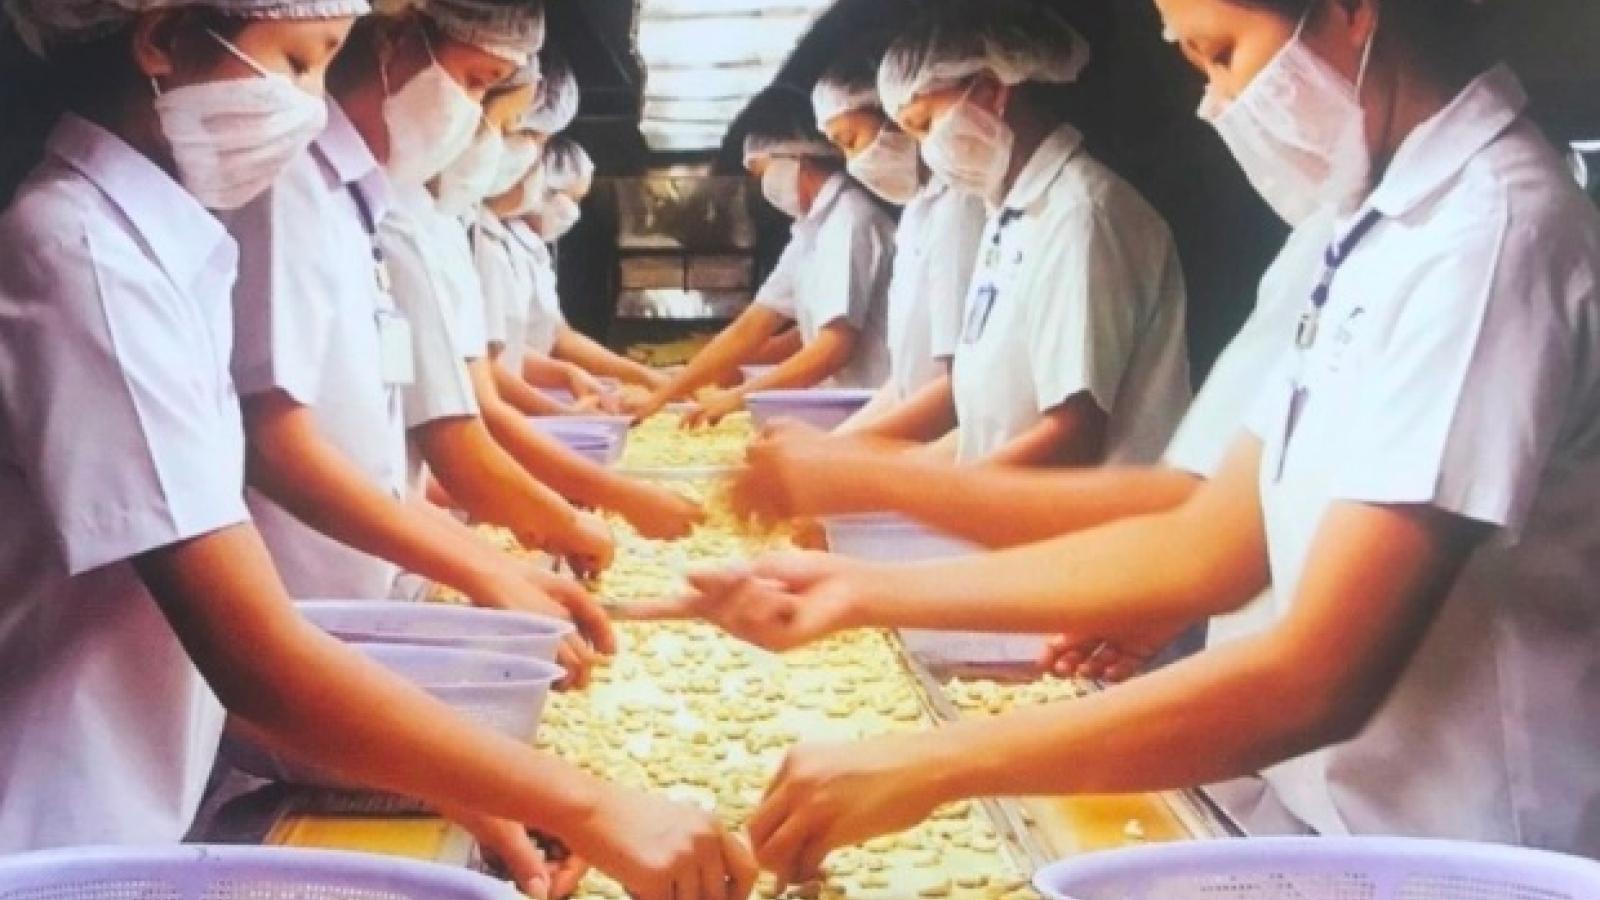 13.000 lao động trong các khu công nghiệp ở Đồng Nai mất việc vì dịch Covid-19